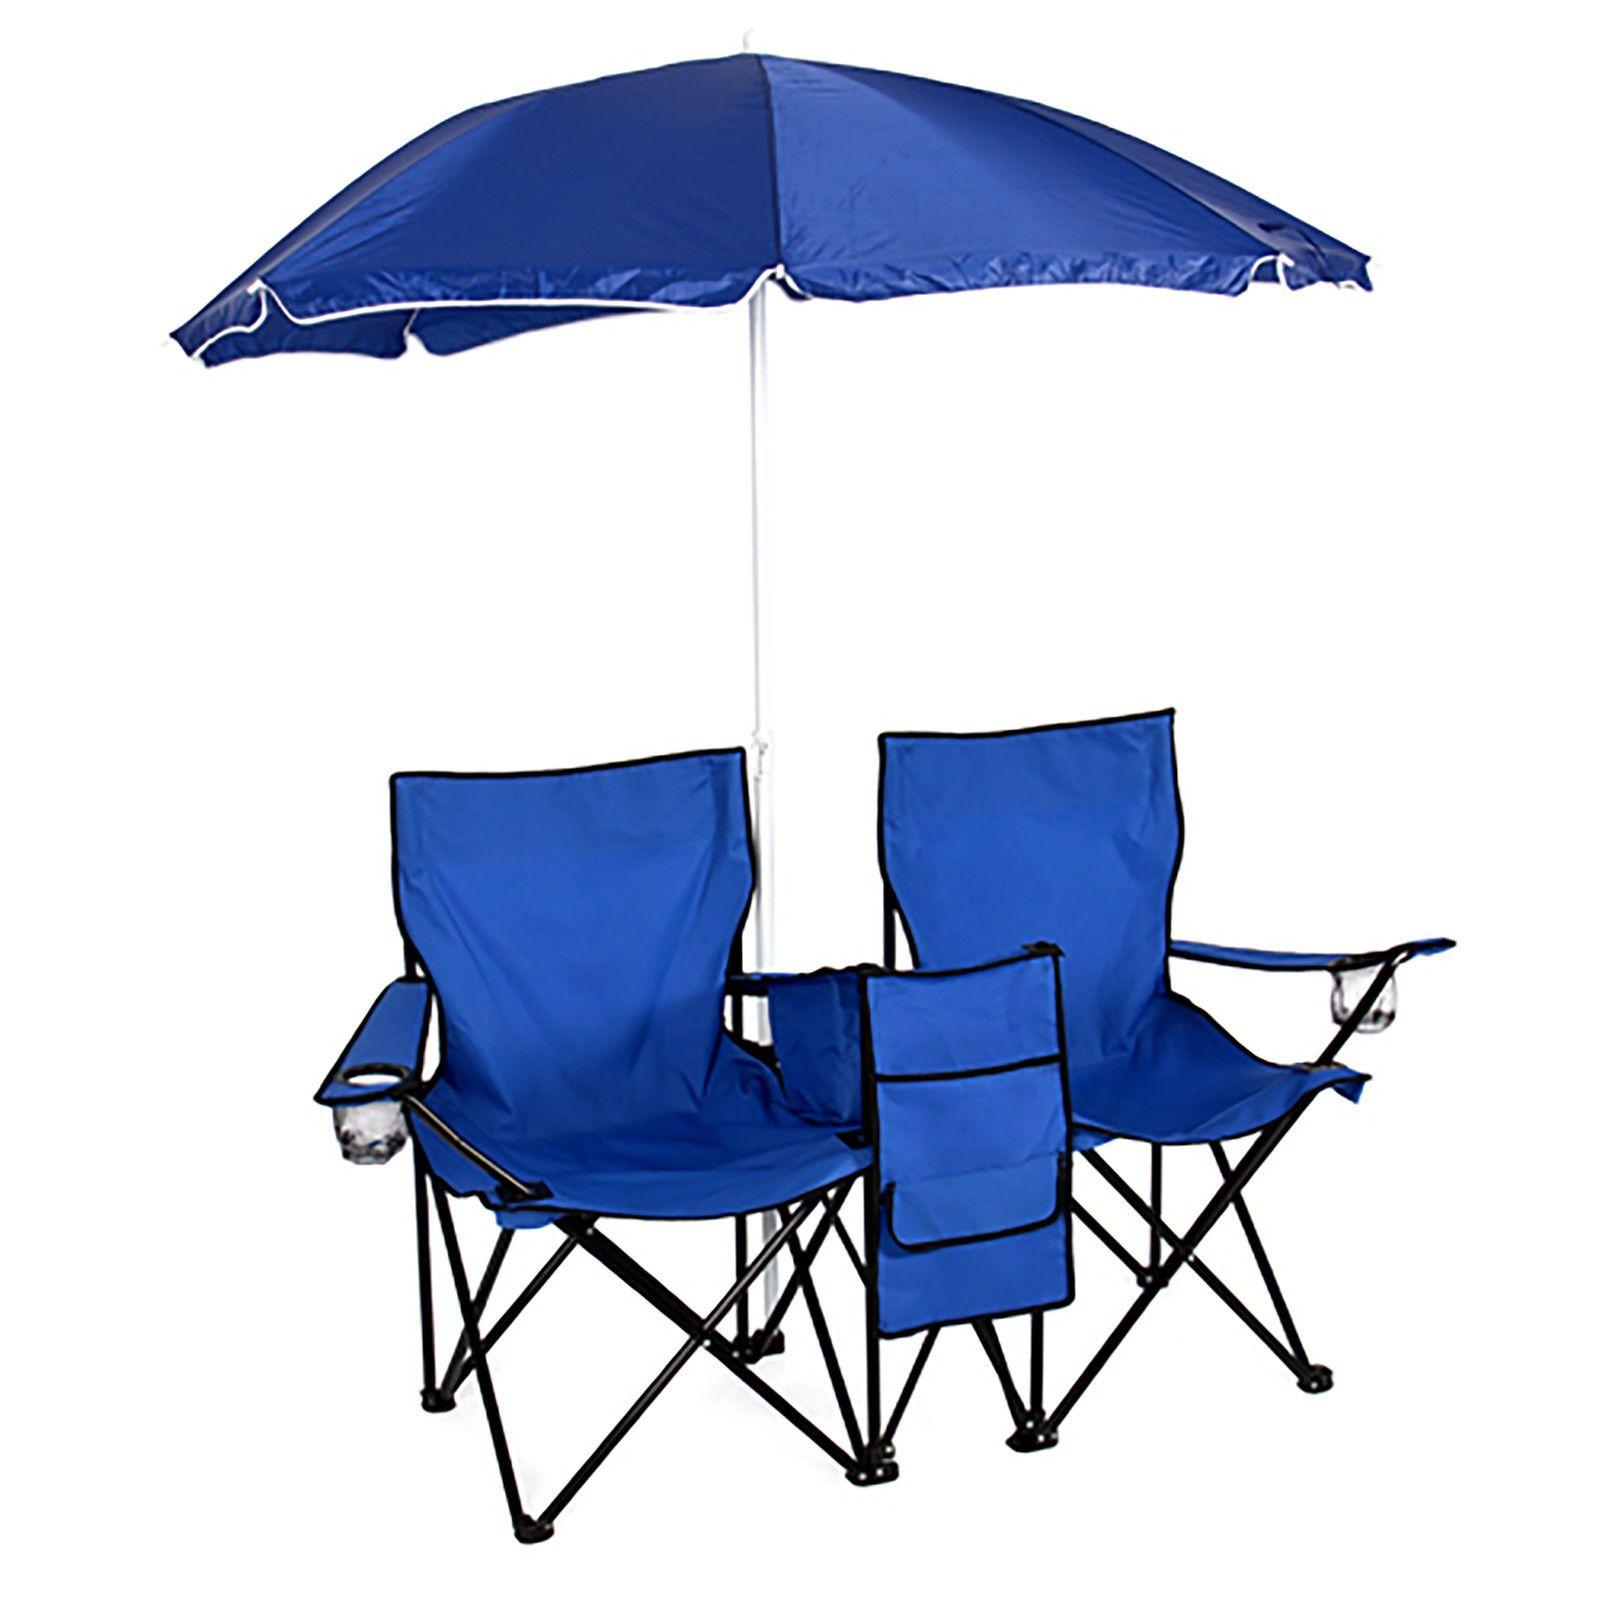 Acheter Pique Nique Double Chaise Pliante Parapluie Refroidisseur De Table Camping Plage 4771 Du Menglingduan33